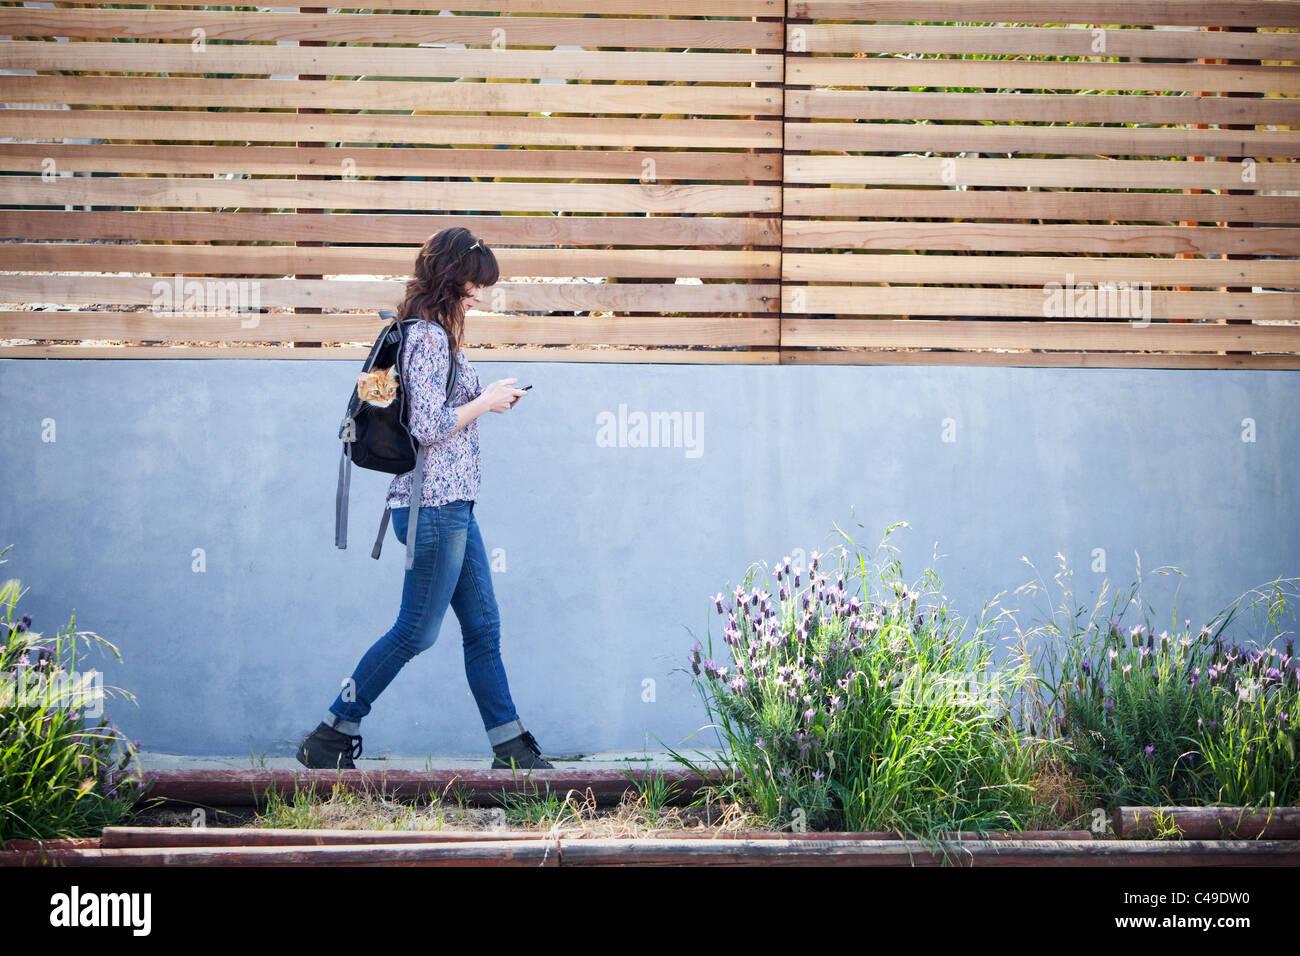 Una donna che cammina verso il basso quartiere urbano marciapiede con un gatto nel suo zaino. Immagini Stock